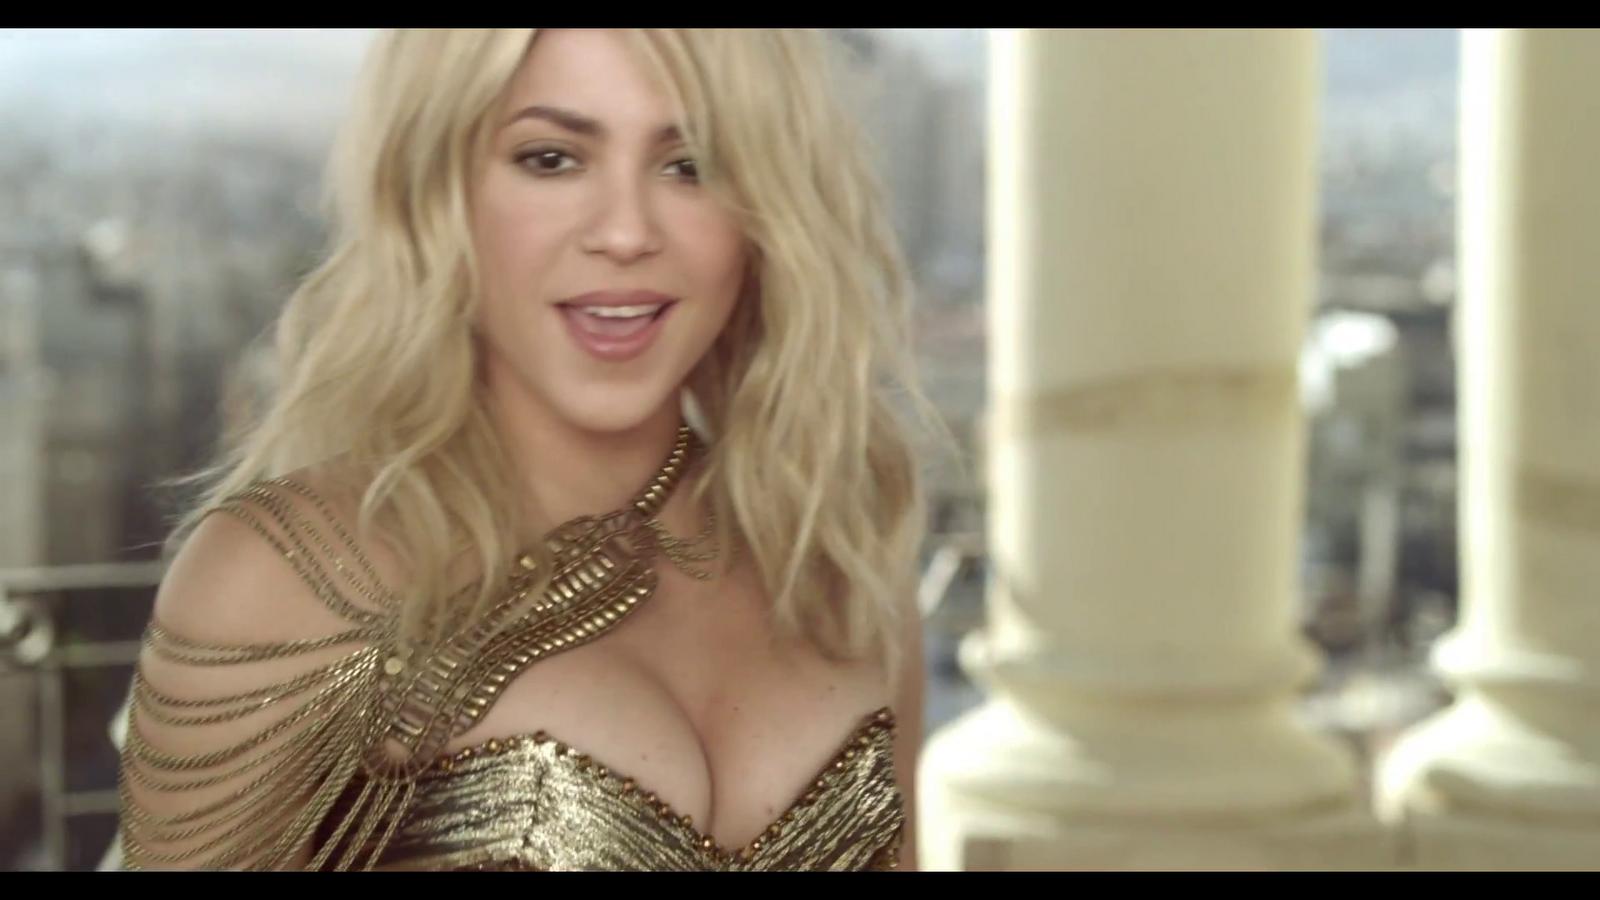 http://1.bp.blogspot.com/-1qmO_ZS-VDU/UBqdav5SJcI/AAAAAAAAKLI/bYhcQB9D3nc/s1600/Pitbull+-+Get+It+Started+ft.+Shakira.MP4+%252811%2529.png